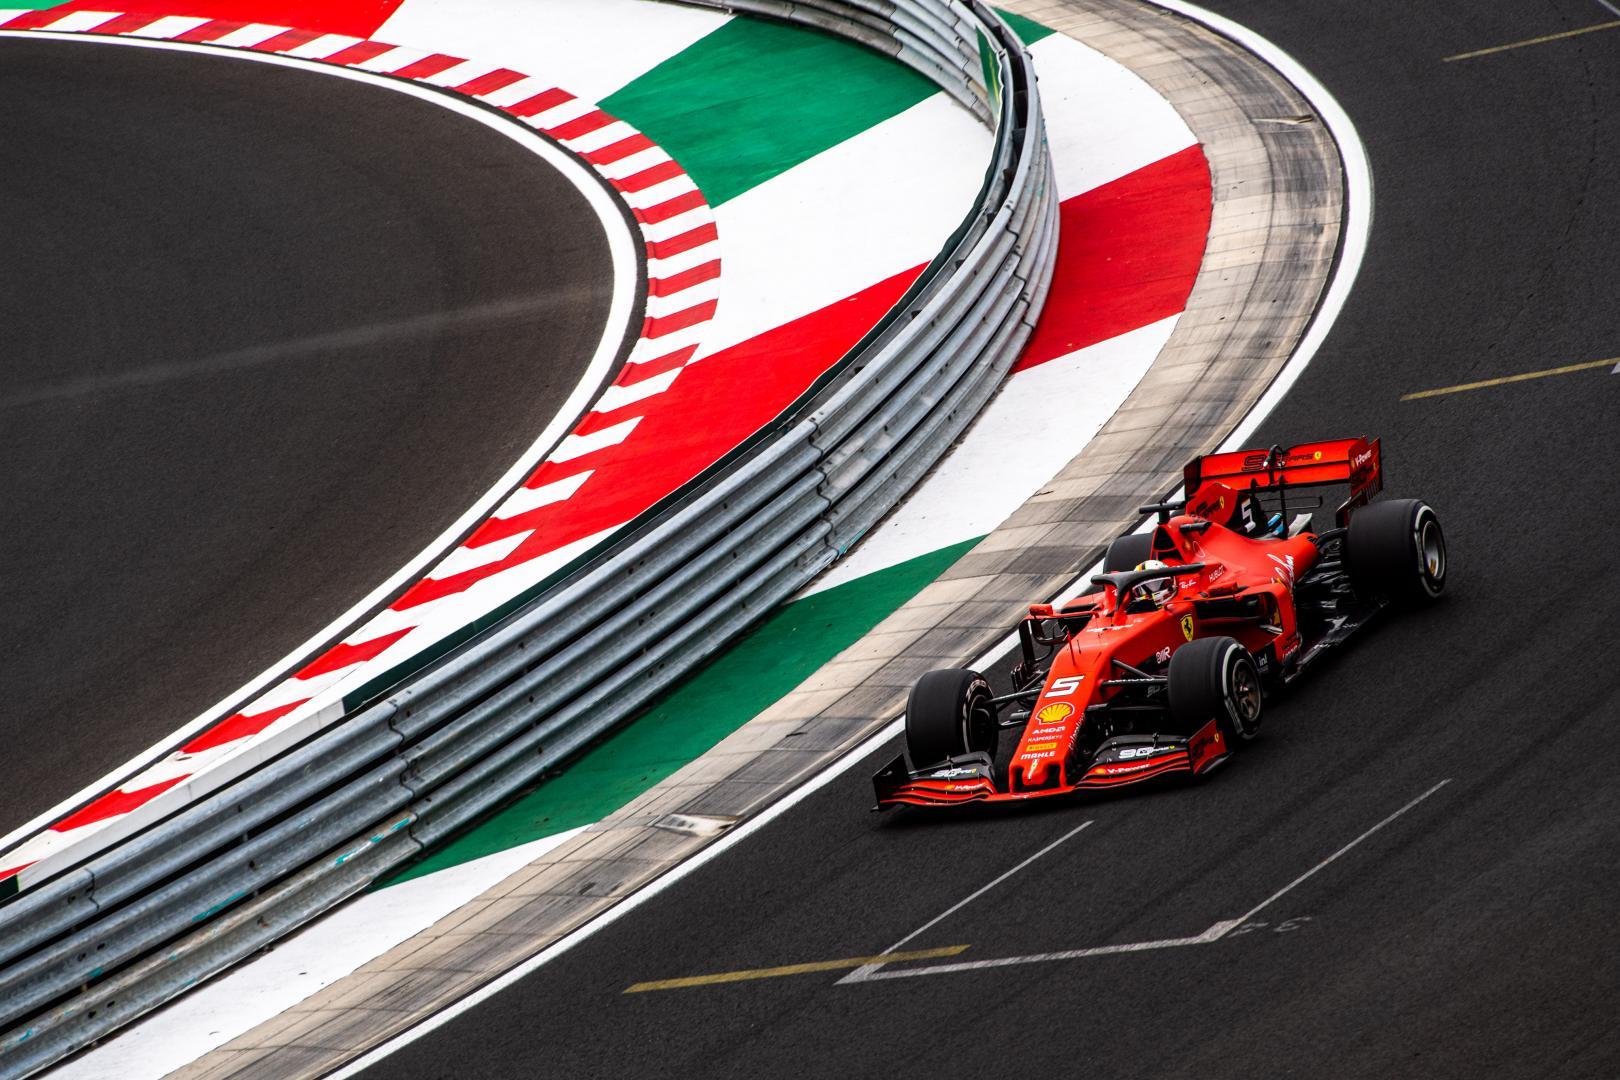 3e vrije training van de GP van Hongarije 2019